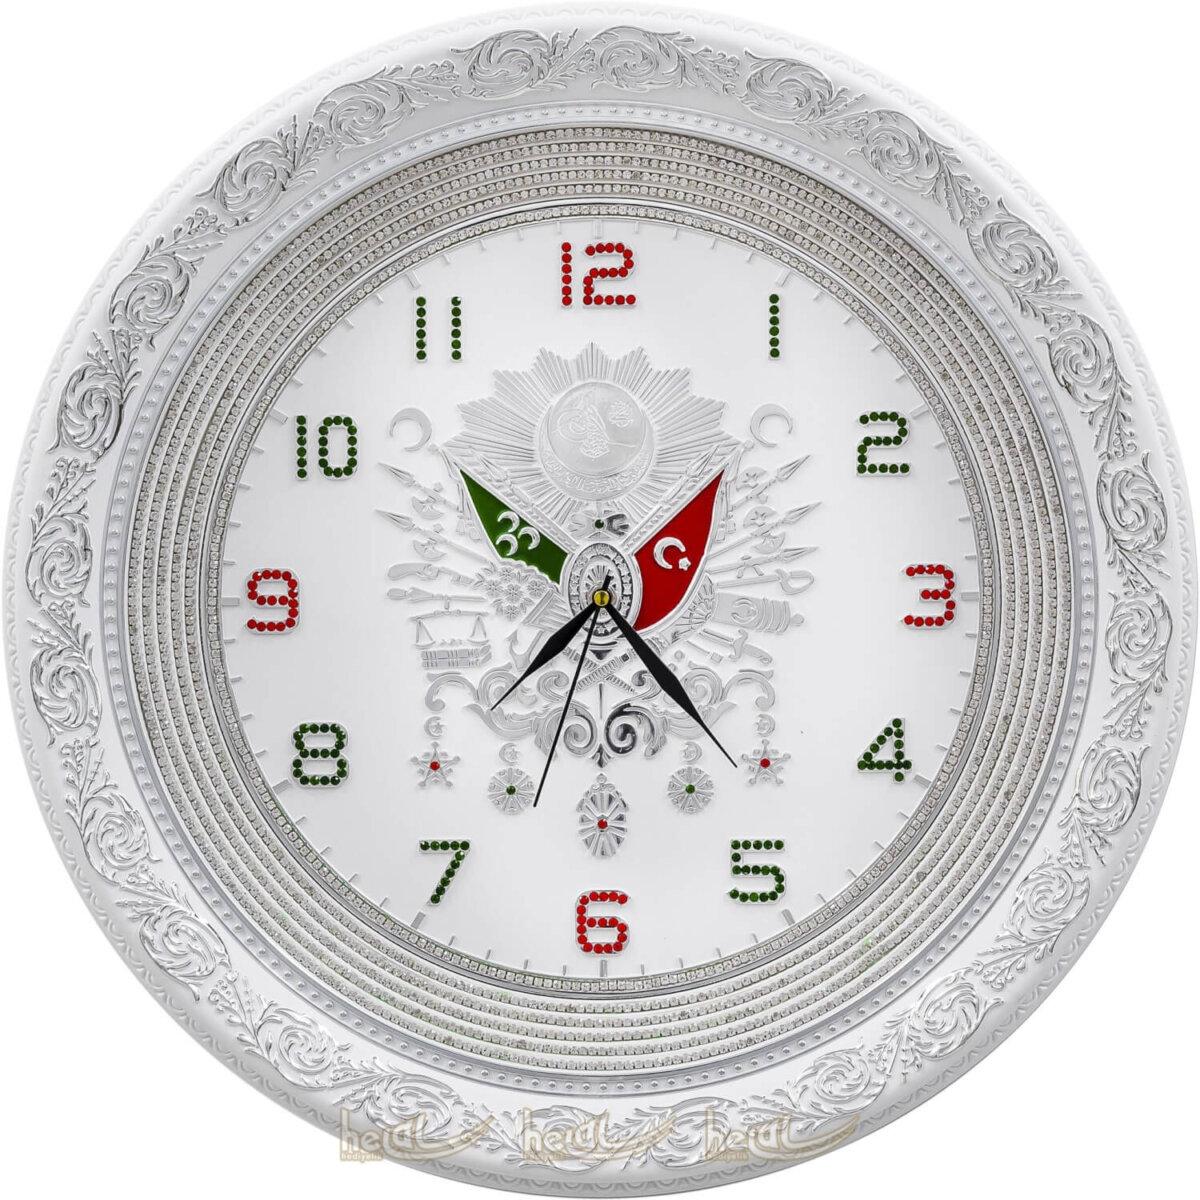 56cm Büyük Lüks Taşlı Osmanlı Devlet Armalı Tuğra Duvar Saati Tablo 56cm Büyük Lüks Taşlı Osmanlı Devlet Armalı Tuğra Duvar Saati Tablo